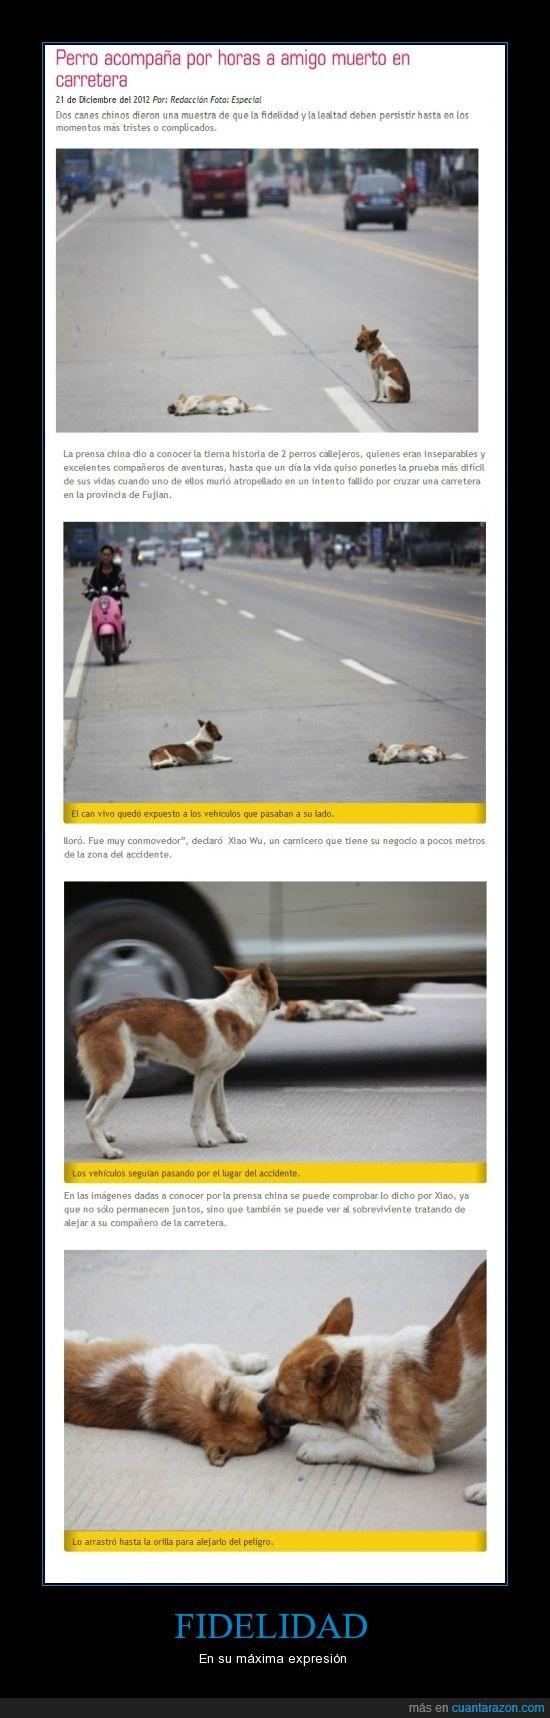 atropellado,can,carretera,chinos,fidelidad,fiel,perro